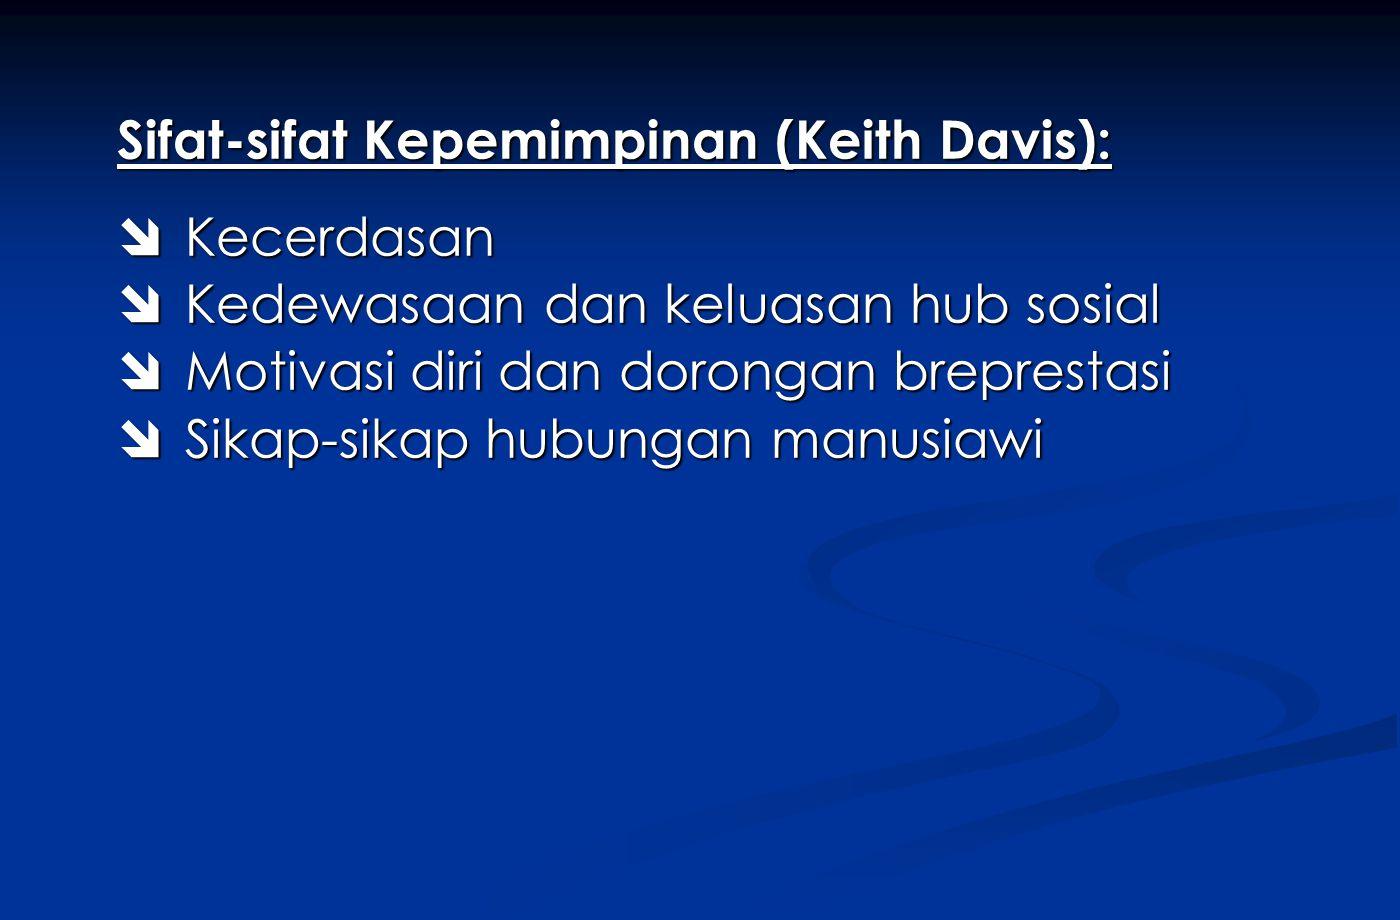 Sifat-sifat Kepemimpinan (Keith Davis):  Kecerdasan  Kedewasaan dan keluasan hub sosial  Motivasi diri dan dorongan breprestasi  Sikap-sikap hubungan manusiawi